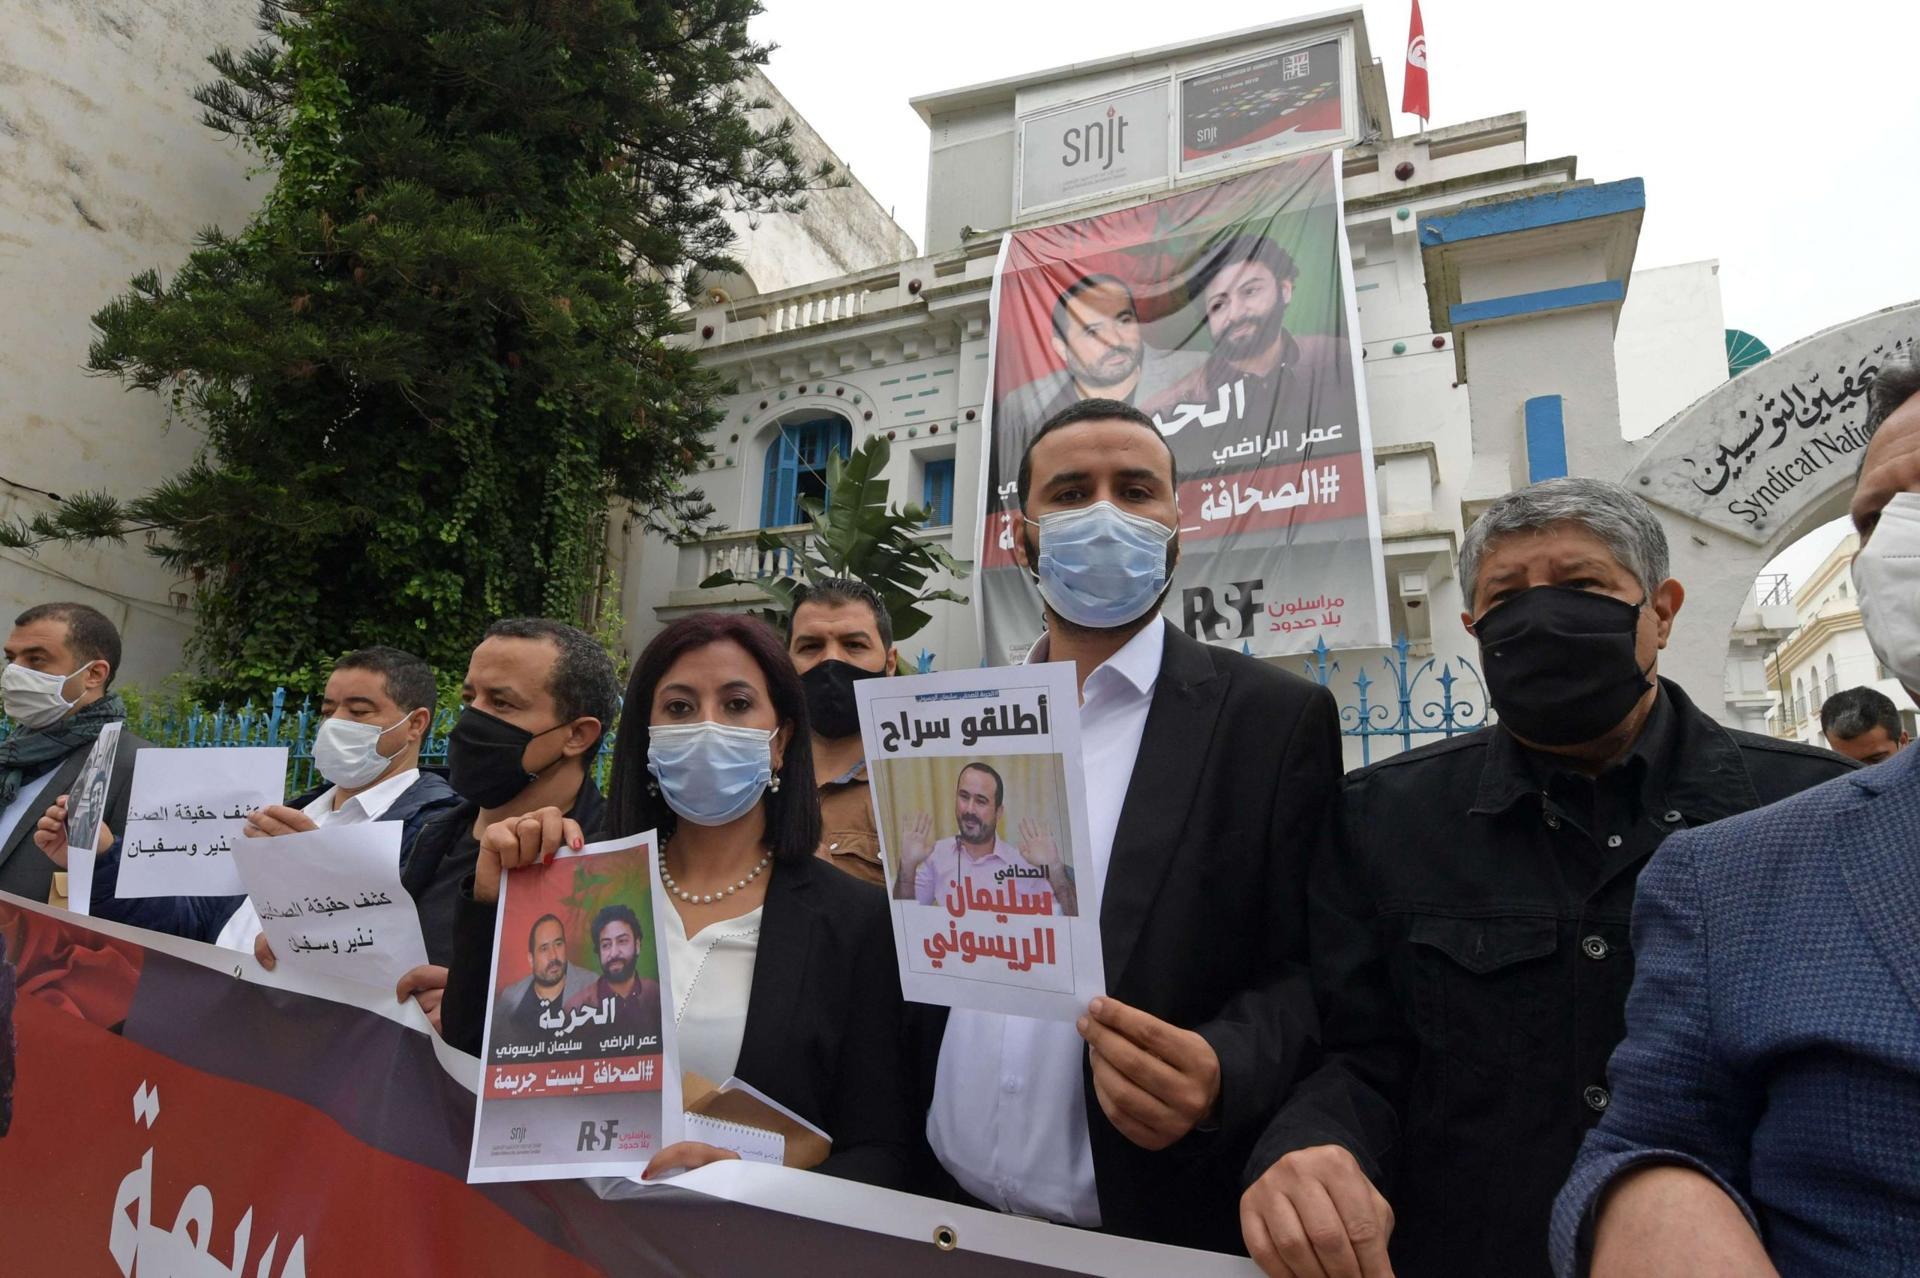 محكمة استئناف في المغرب تبدأ النظر في قضية الصحافي سليمان الريسوني